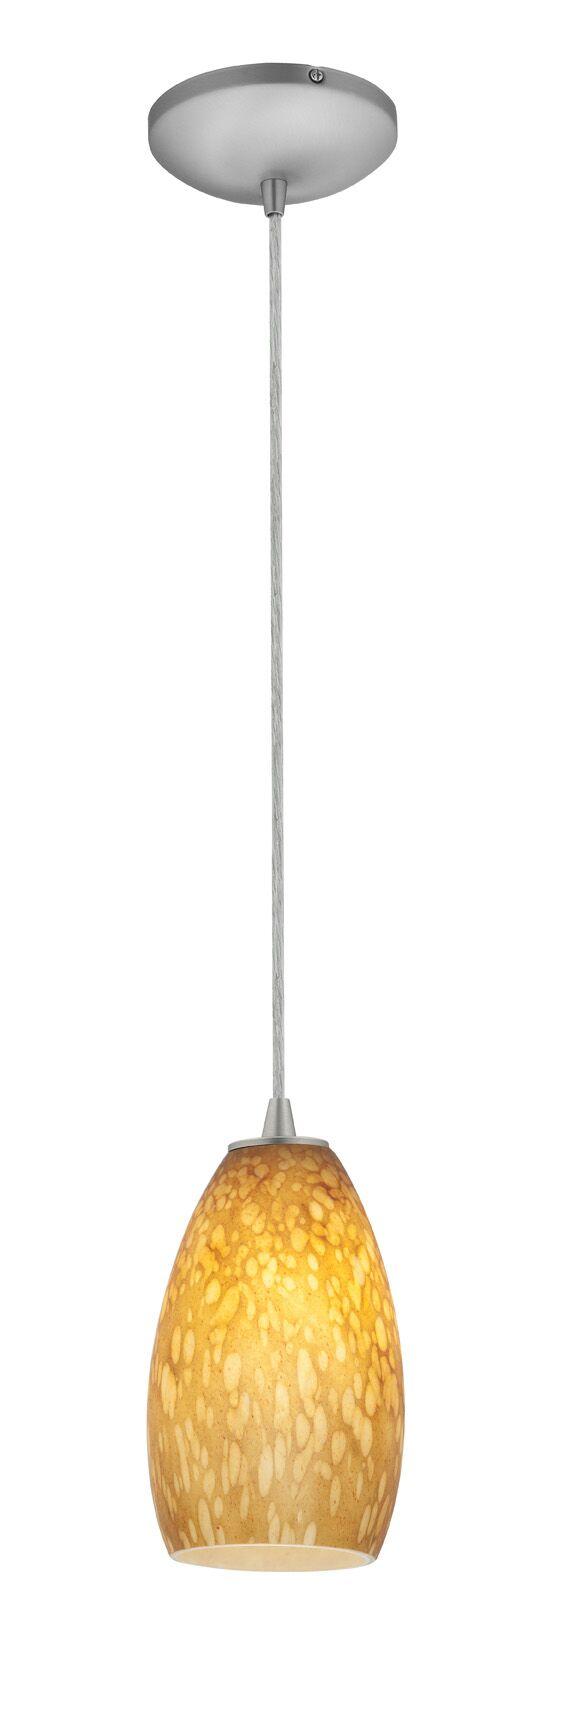 Carballo Modern 1-Light Cone Pendant Shade Color: White Stone, Finish: Oil Rubbed Bronze